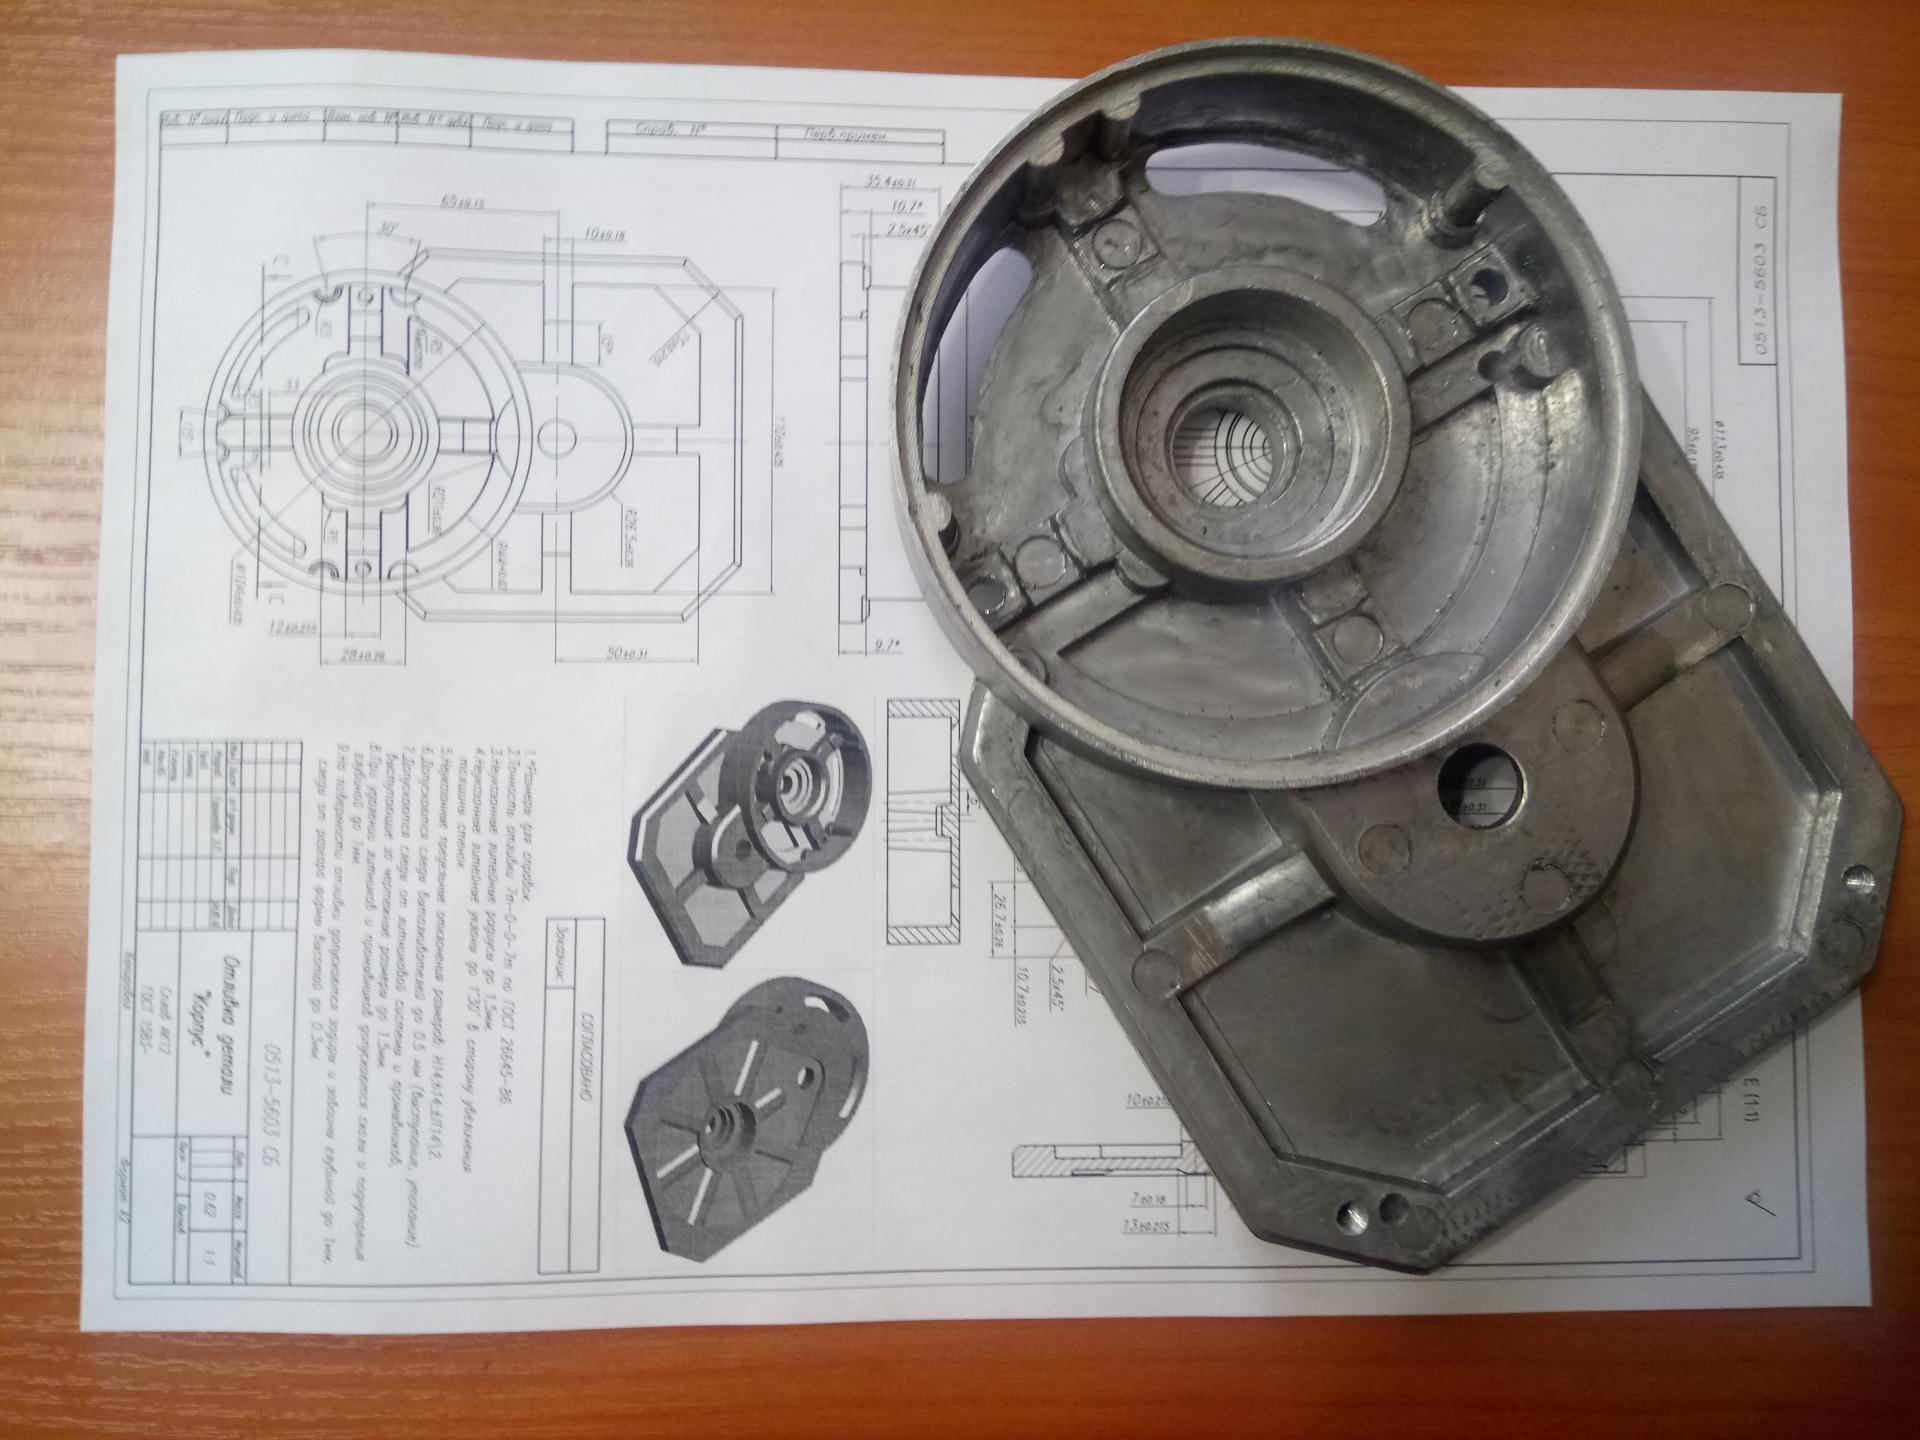 Пресс-форма для литья алюминия под давлением, АК12, АК7, АК9, АЛ2. АЛ9, купить пресс-формы в Екатеринбурге, купить пресс-формы в Москве, цена пресс-форм в Екатеринбурге, литье алюминия под давлением, литье АК12, производители пресс-форм, заказать пресс-форму, спроектировать пресс-форму. пресс-форма, прессформа, пресс-формы, прессформы, цена прессформы, изготовить пресс-форму, алюминиевое литье